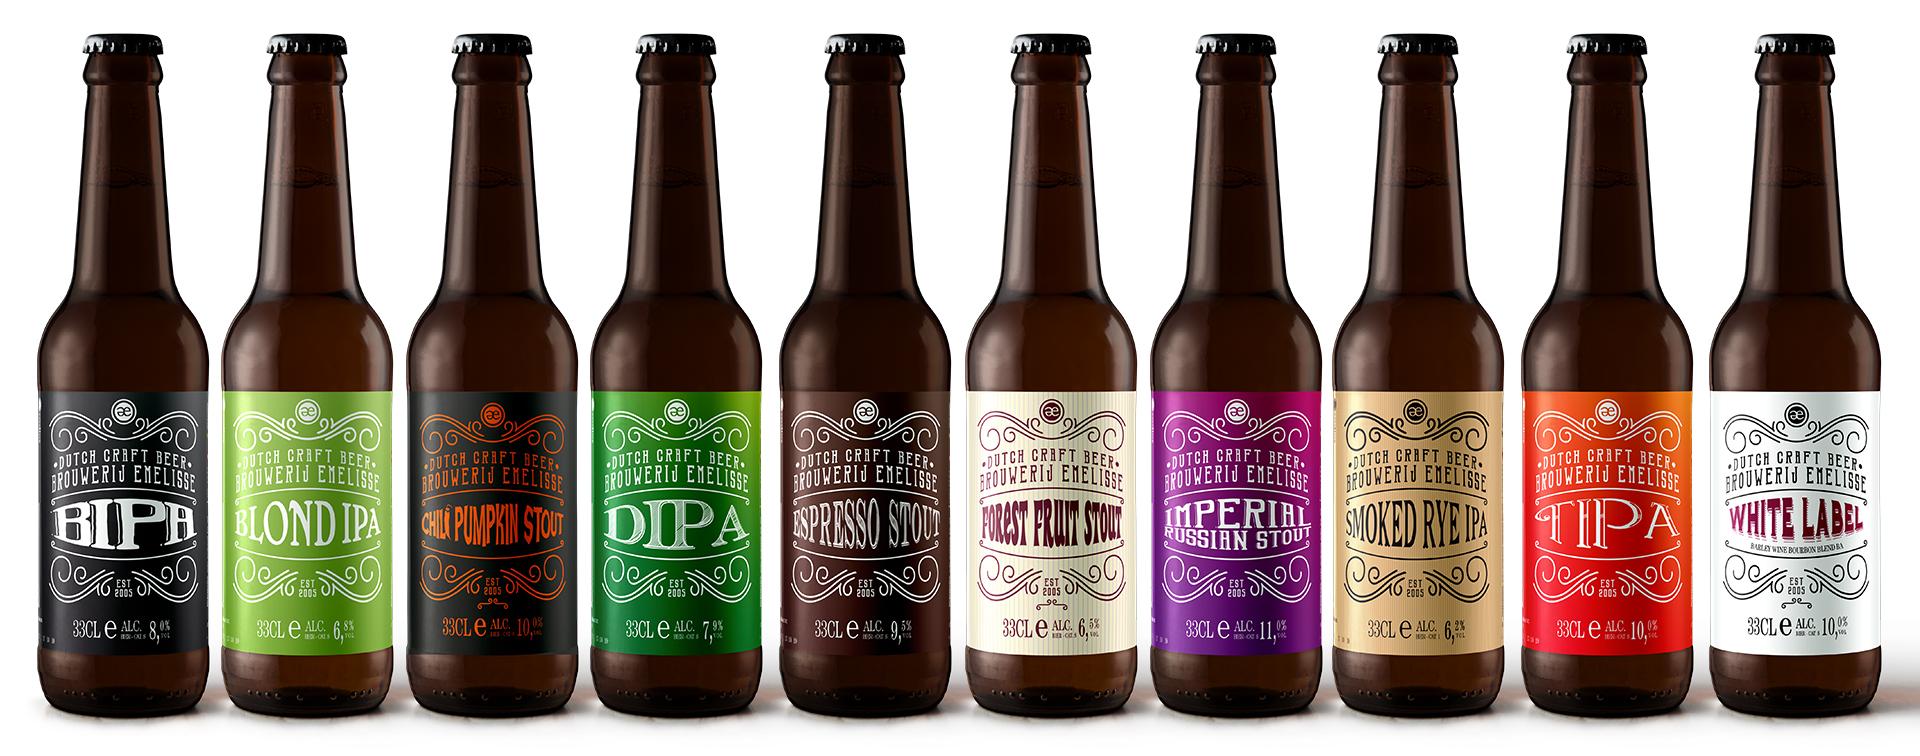 nectar-utrecht-pils-bier-brouwerij-nederland-goes-emelisse-assortiment